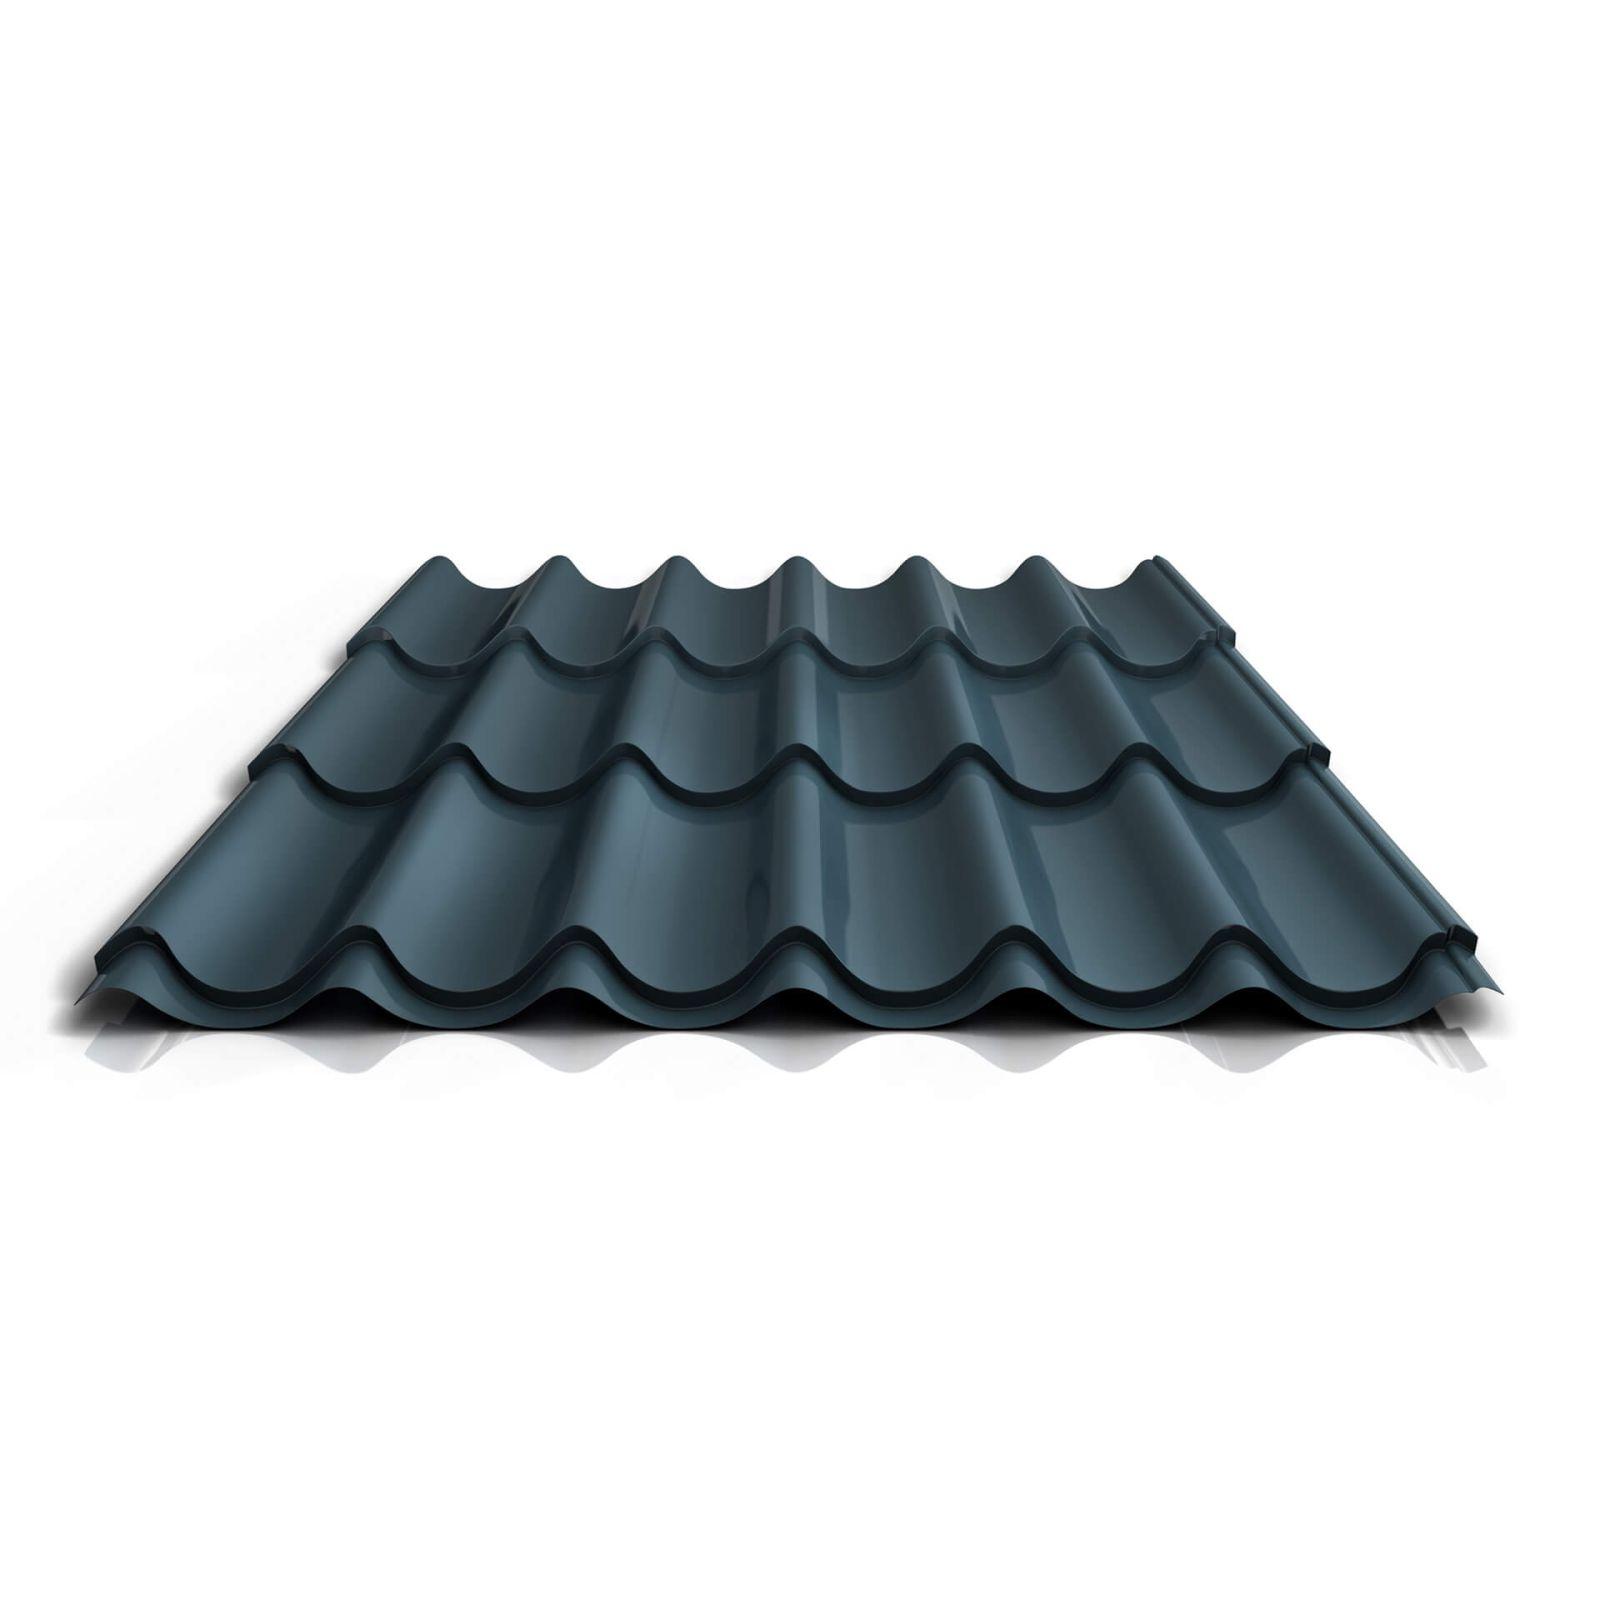 St/ärke 0,40 mm Beschichtung 25 /µm Trapezblech Profilblech Dachblech Profil PS45//1000TRA Material Stahl Farbe Anthrazitgrau